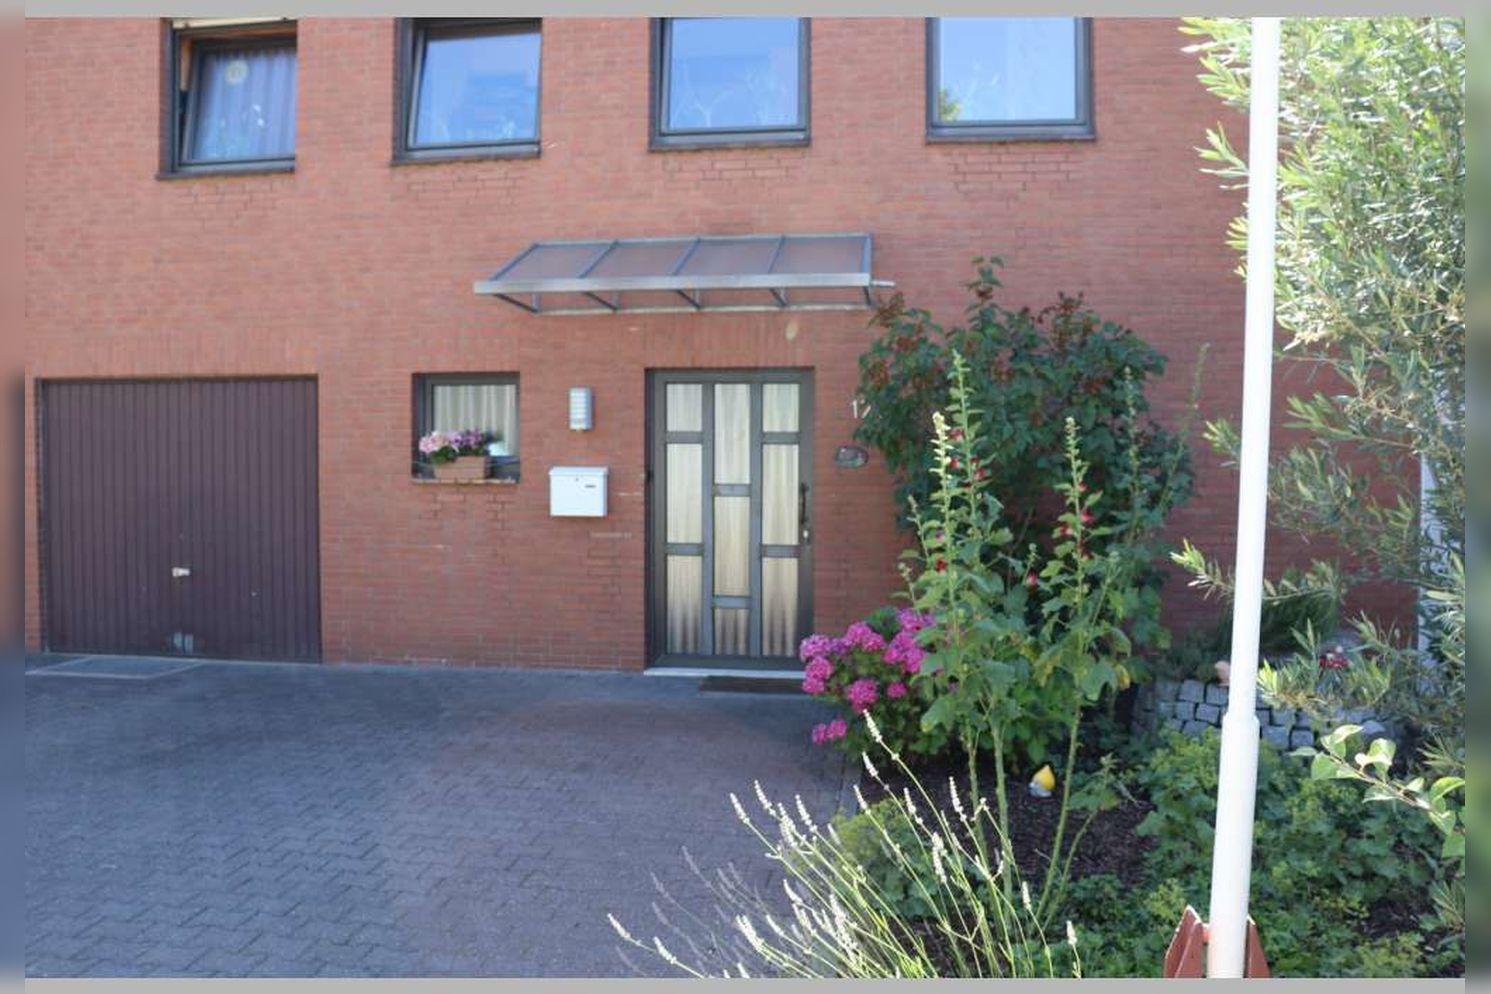 Immobilie Nr.0268 - Reihenmittelhaus mit 4 Zimmern, Küche, Diele, Badezimmer, Gäste-WC, Garten, Garage und Stellplätzen - Bild 7.jpg